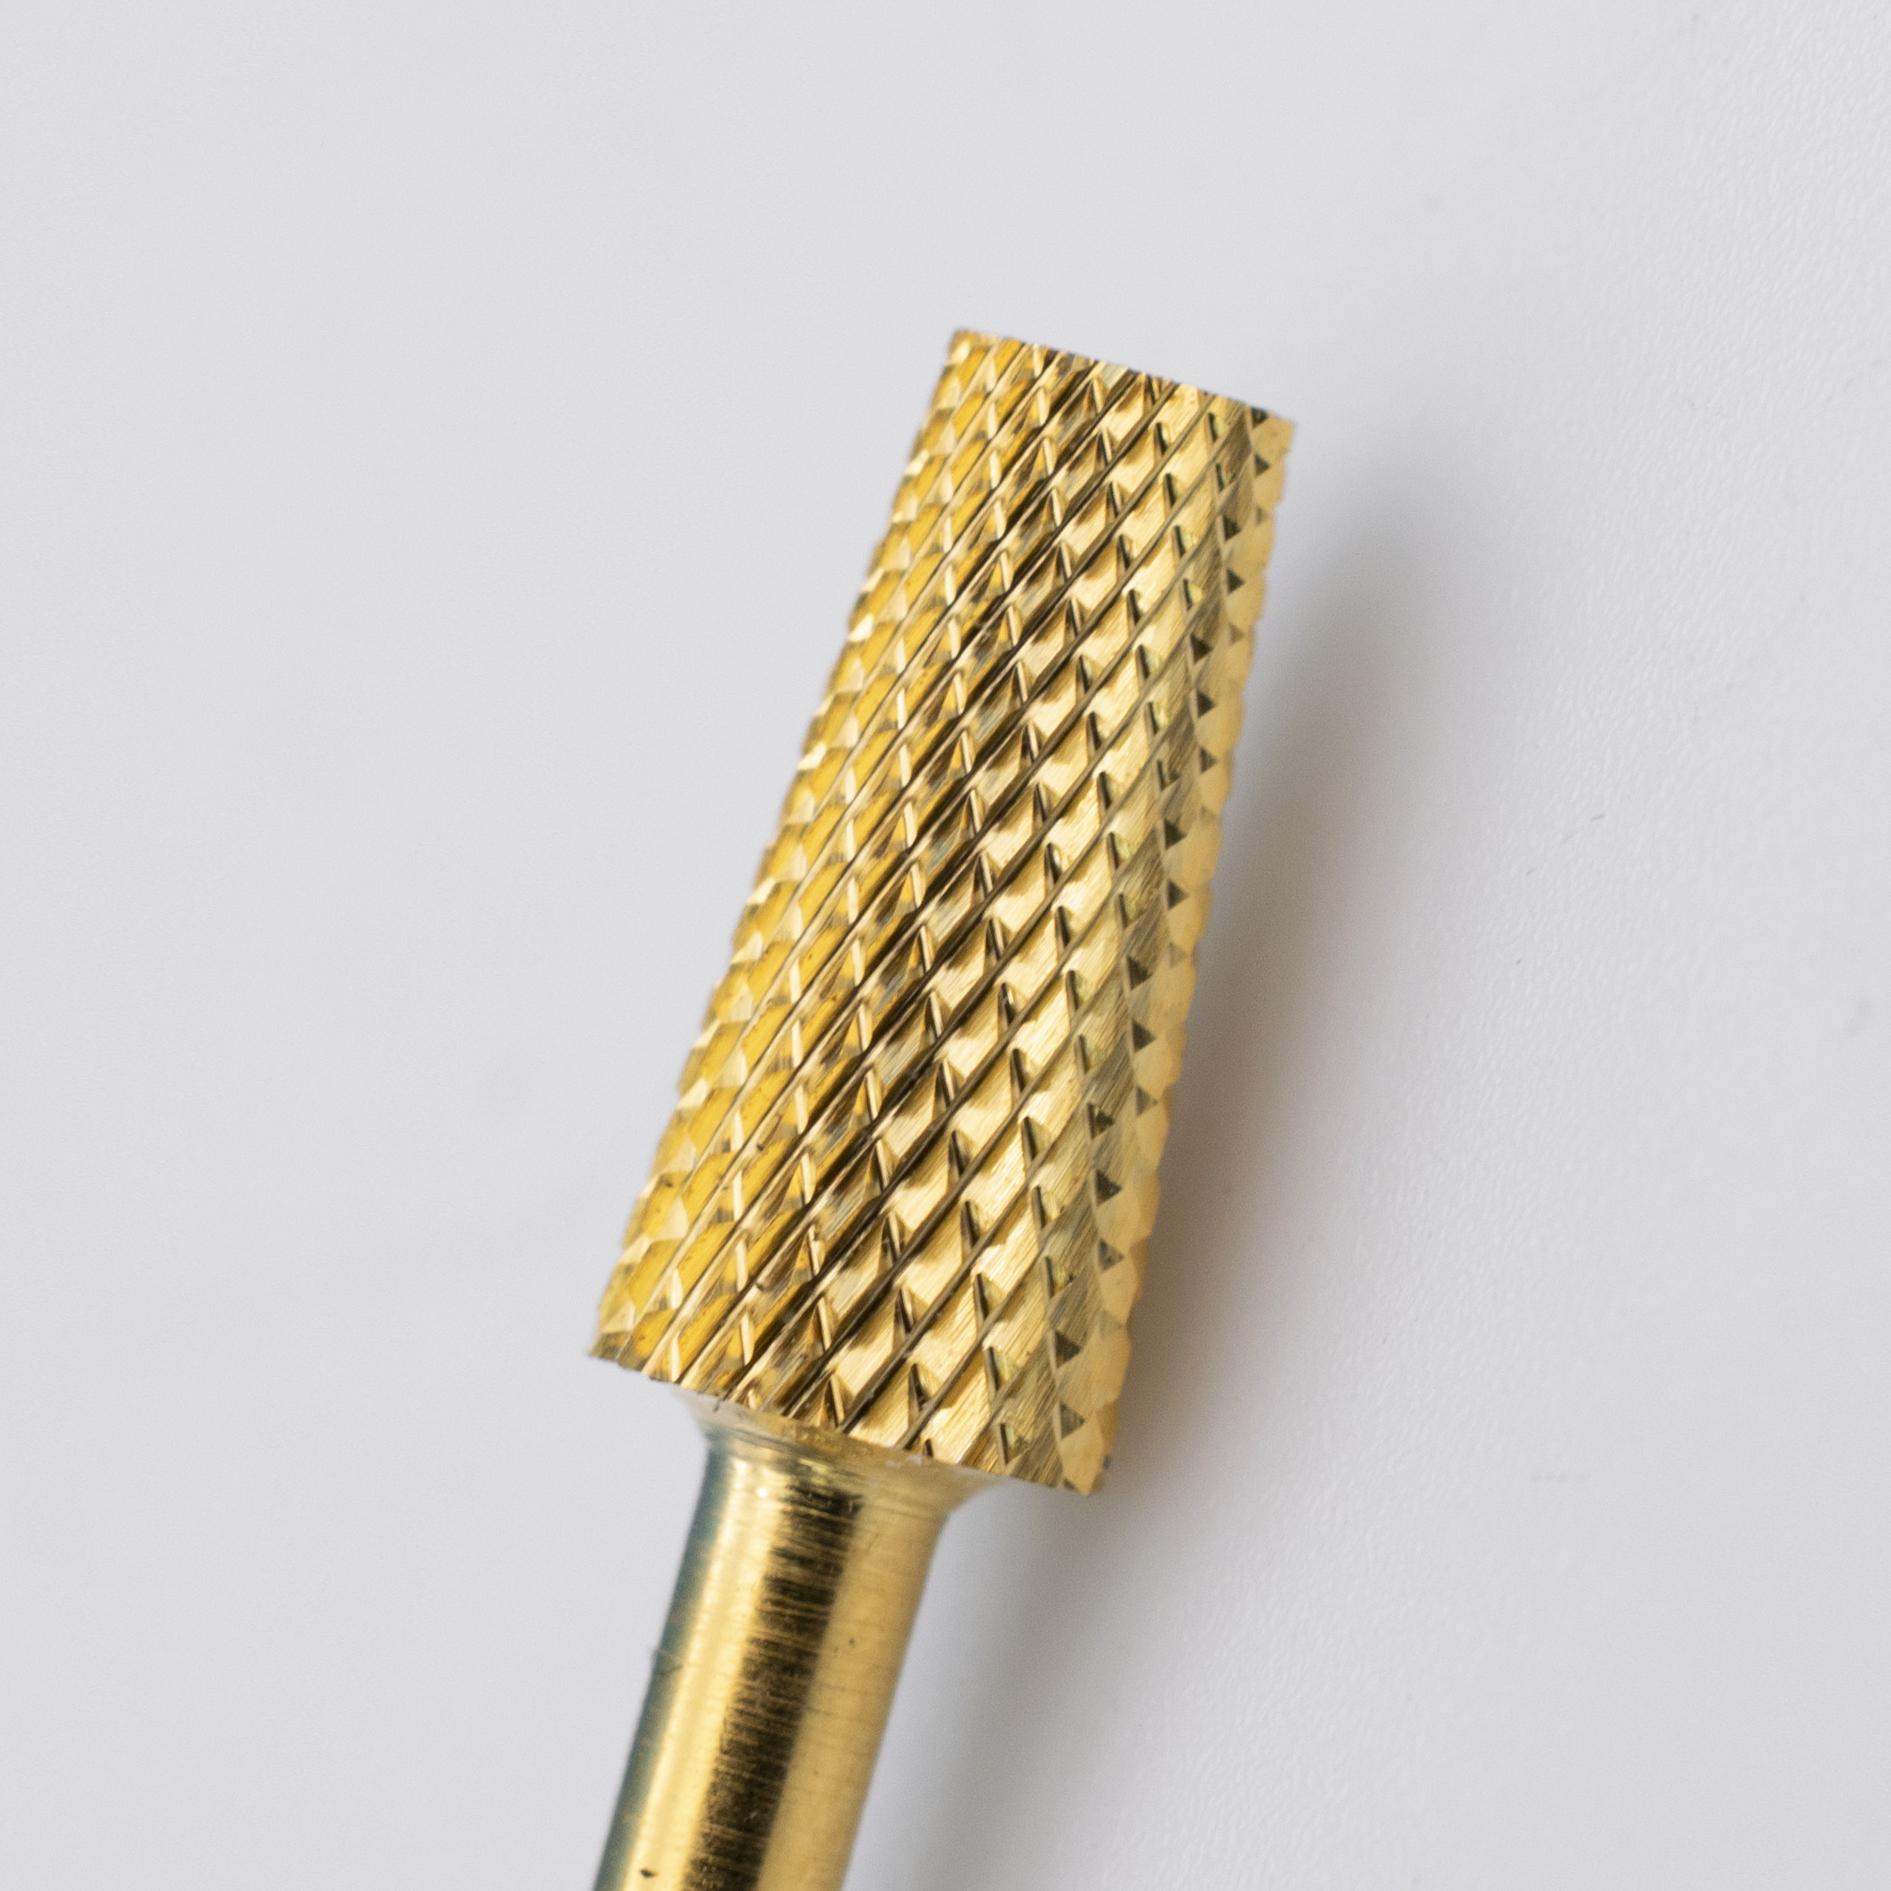 Коническая бочка Chiyan, Карбидное сверло для ногтей, набор конусных сверл 3/32 дюйма